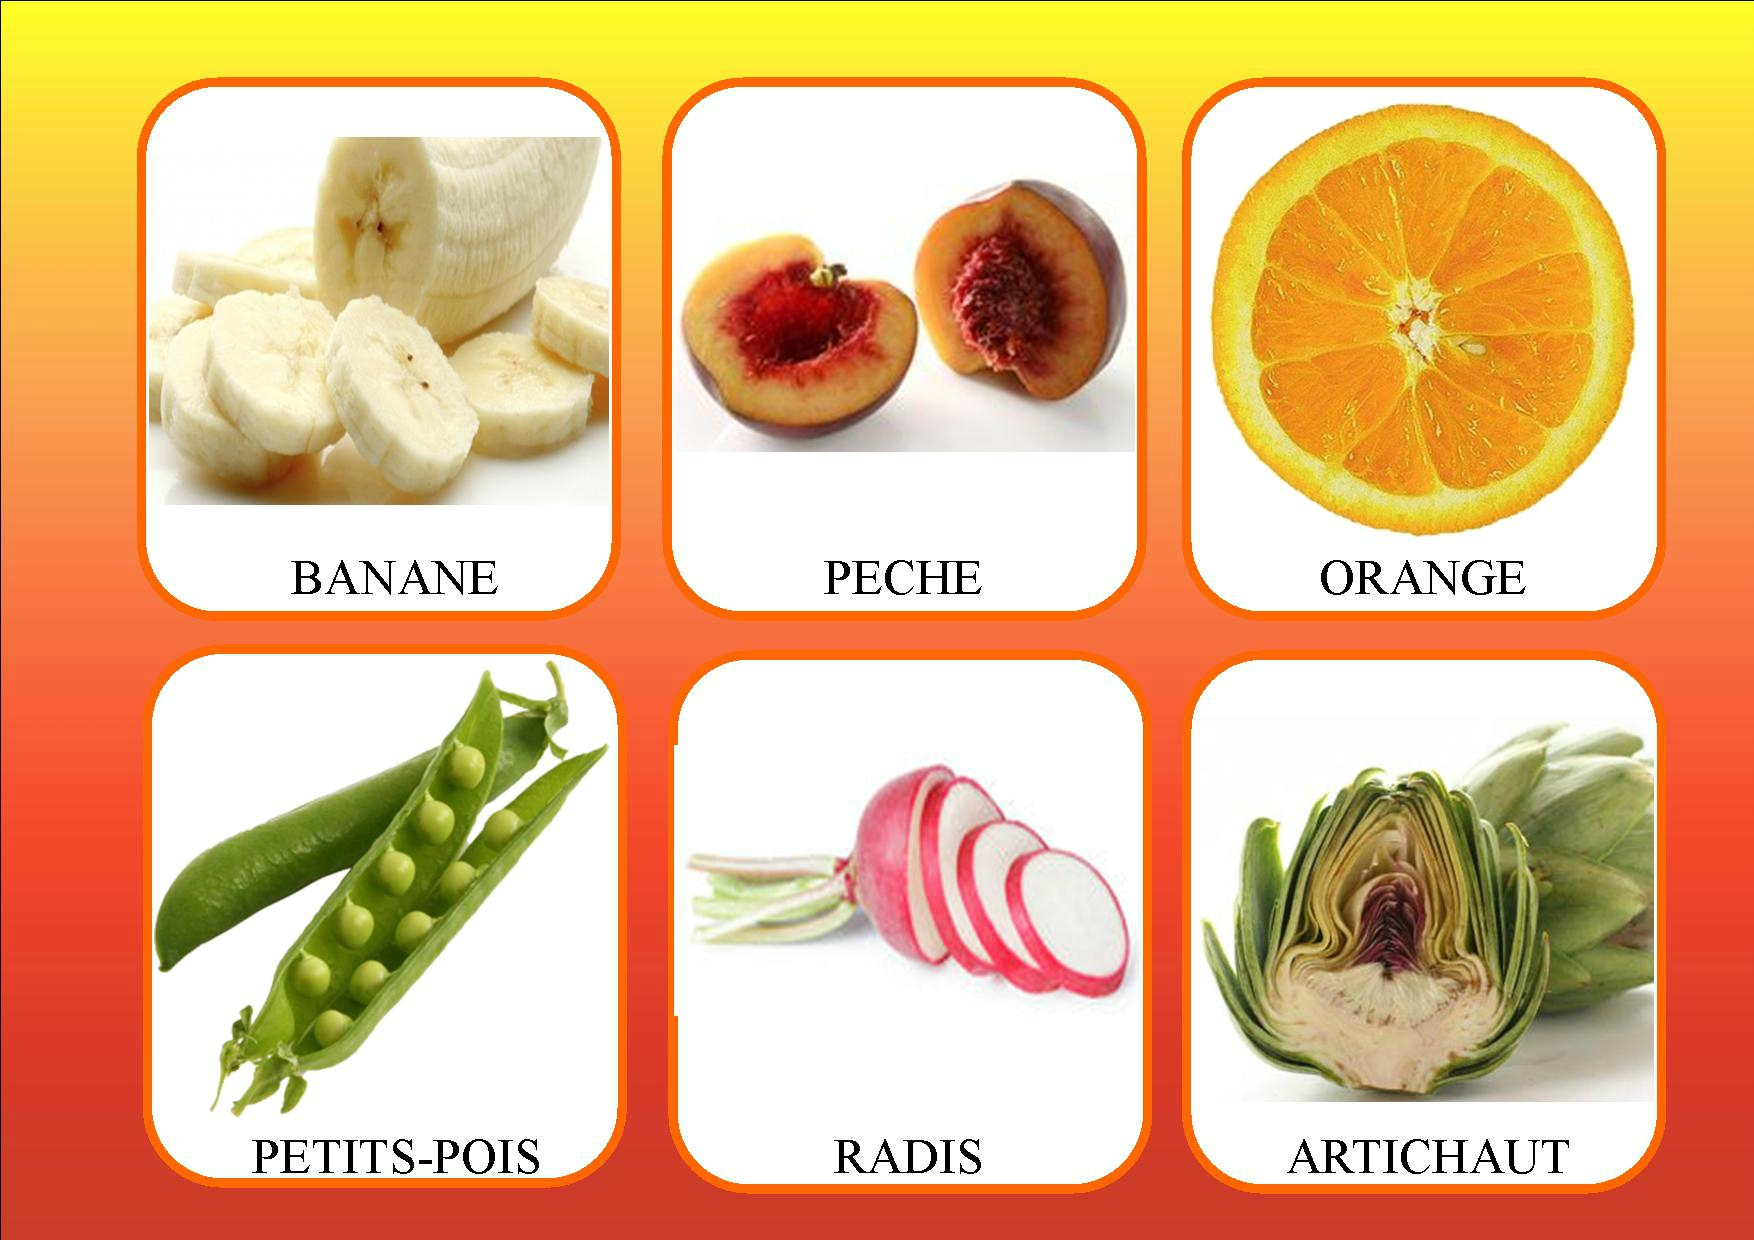 Loto Des Fruits Et Légumes - La Classe De Mamaicress encequiconcerne Jeux De Fruit Et Legume Coupé